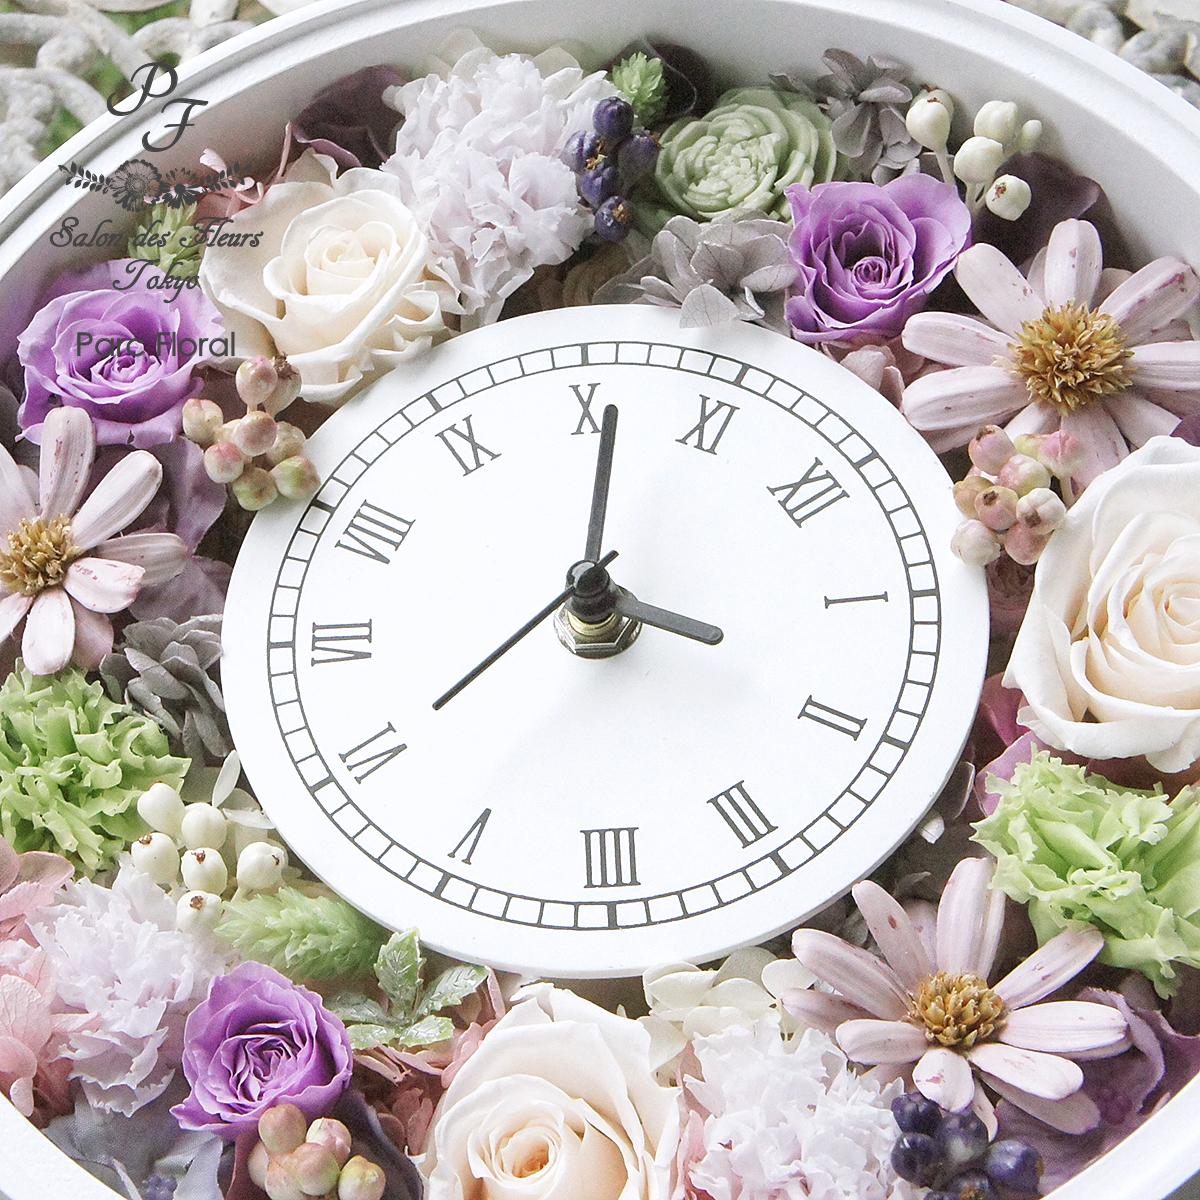 プリザーブドフラワーを入れた華やかな花時計 ピンクパープル系